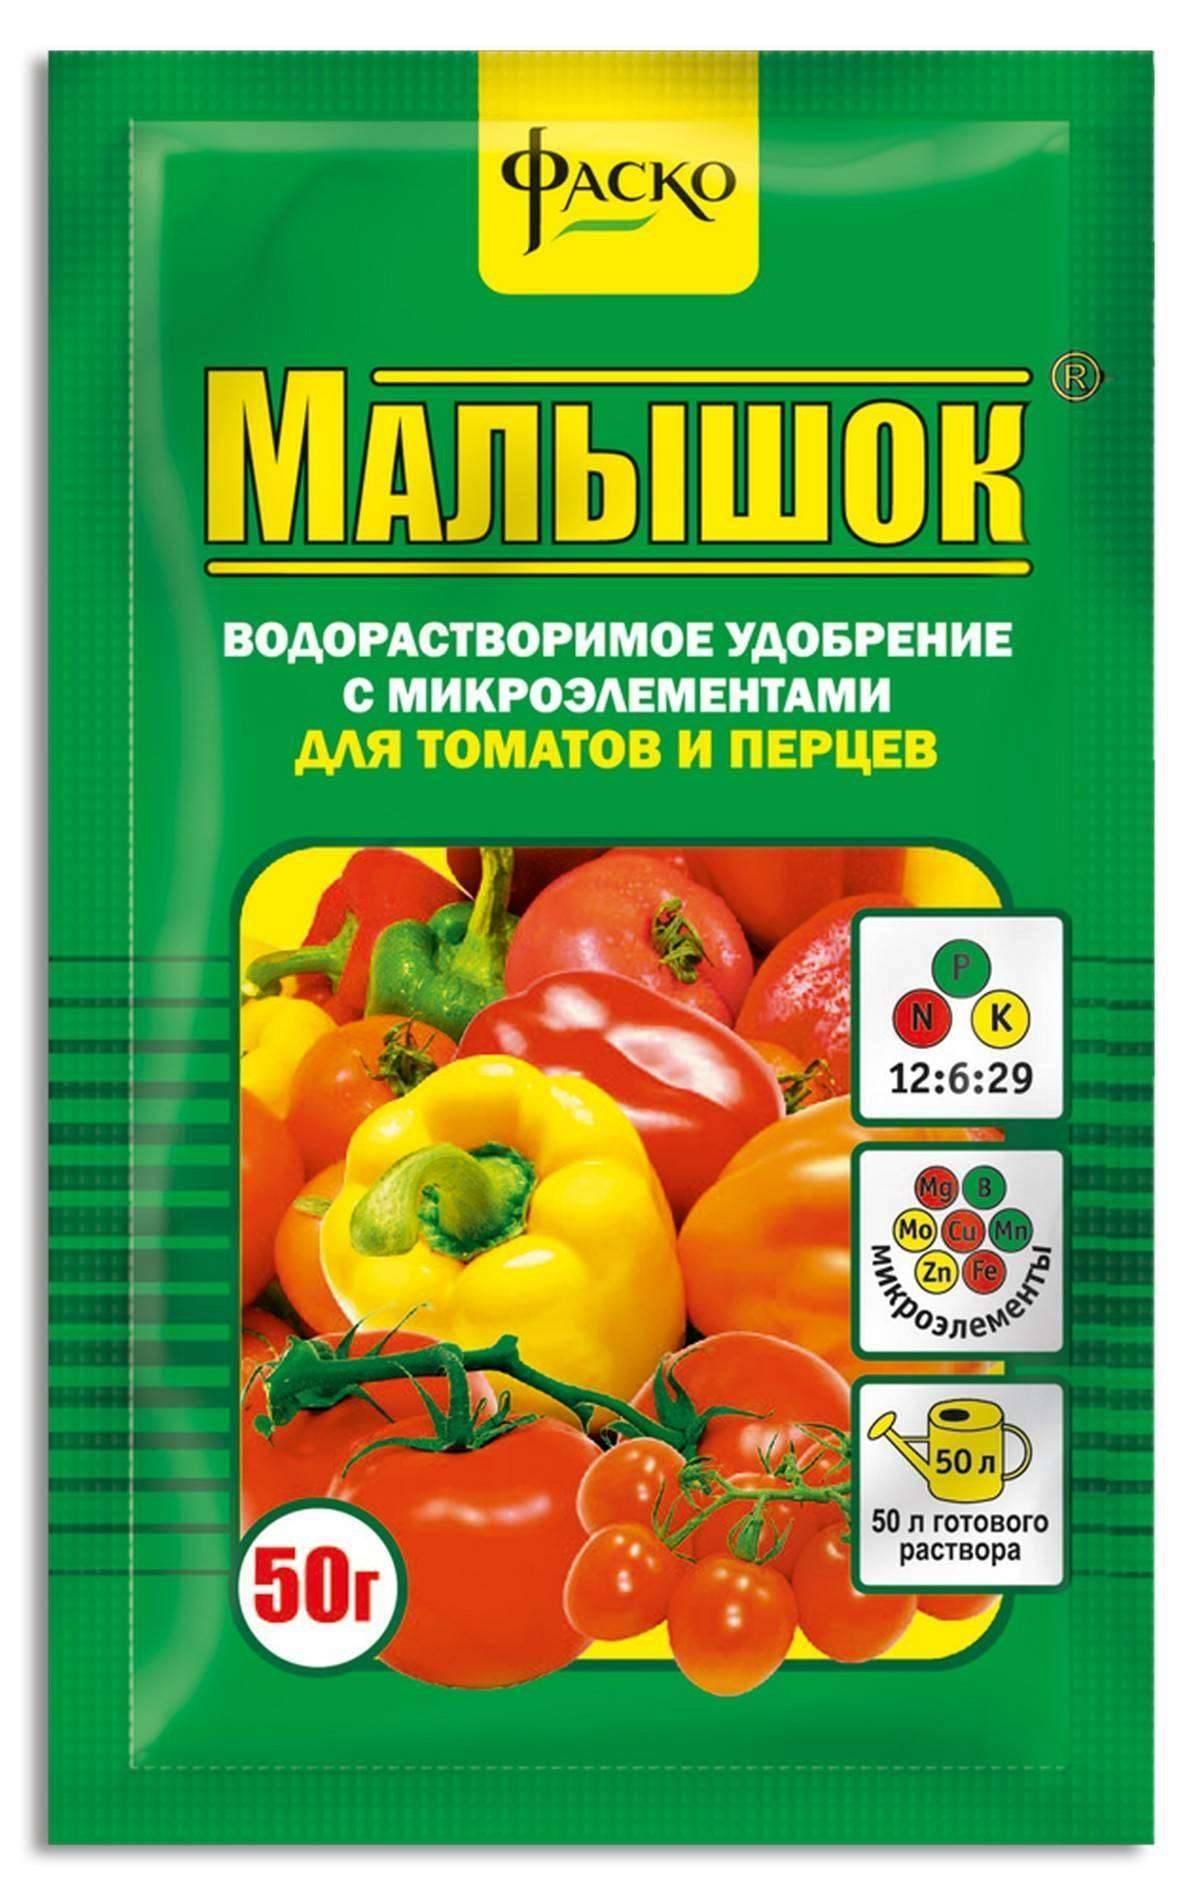 Жку малышок для томатов и перцев органика — отзывы, описание